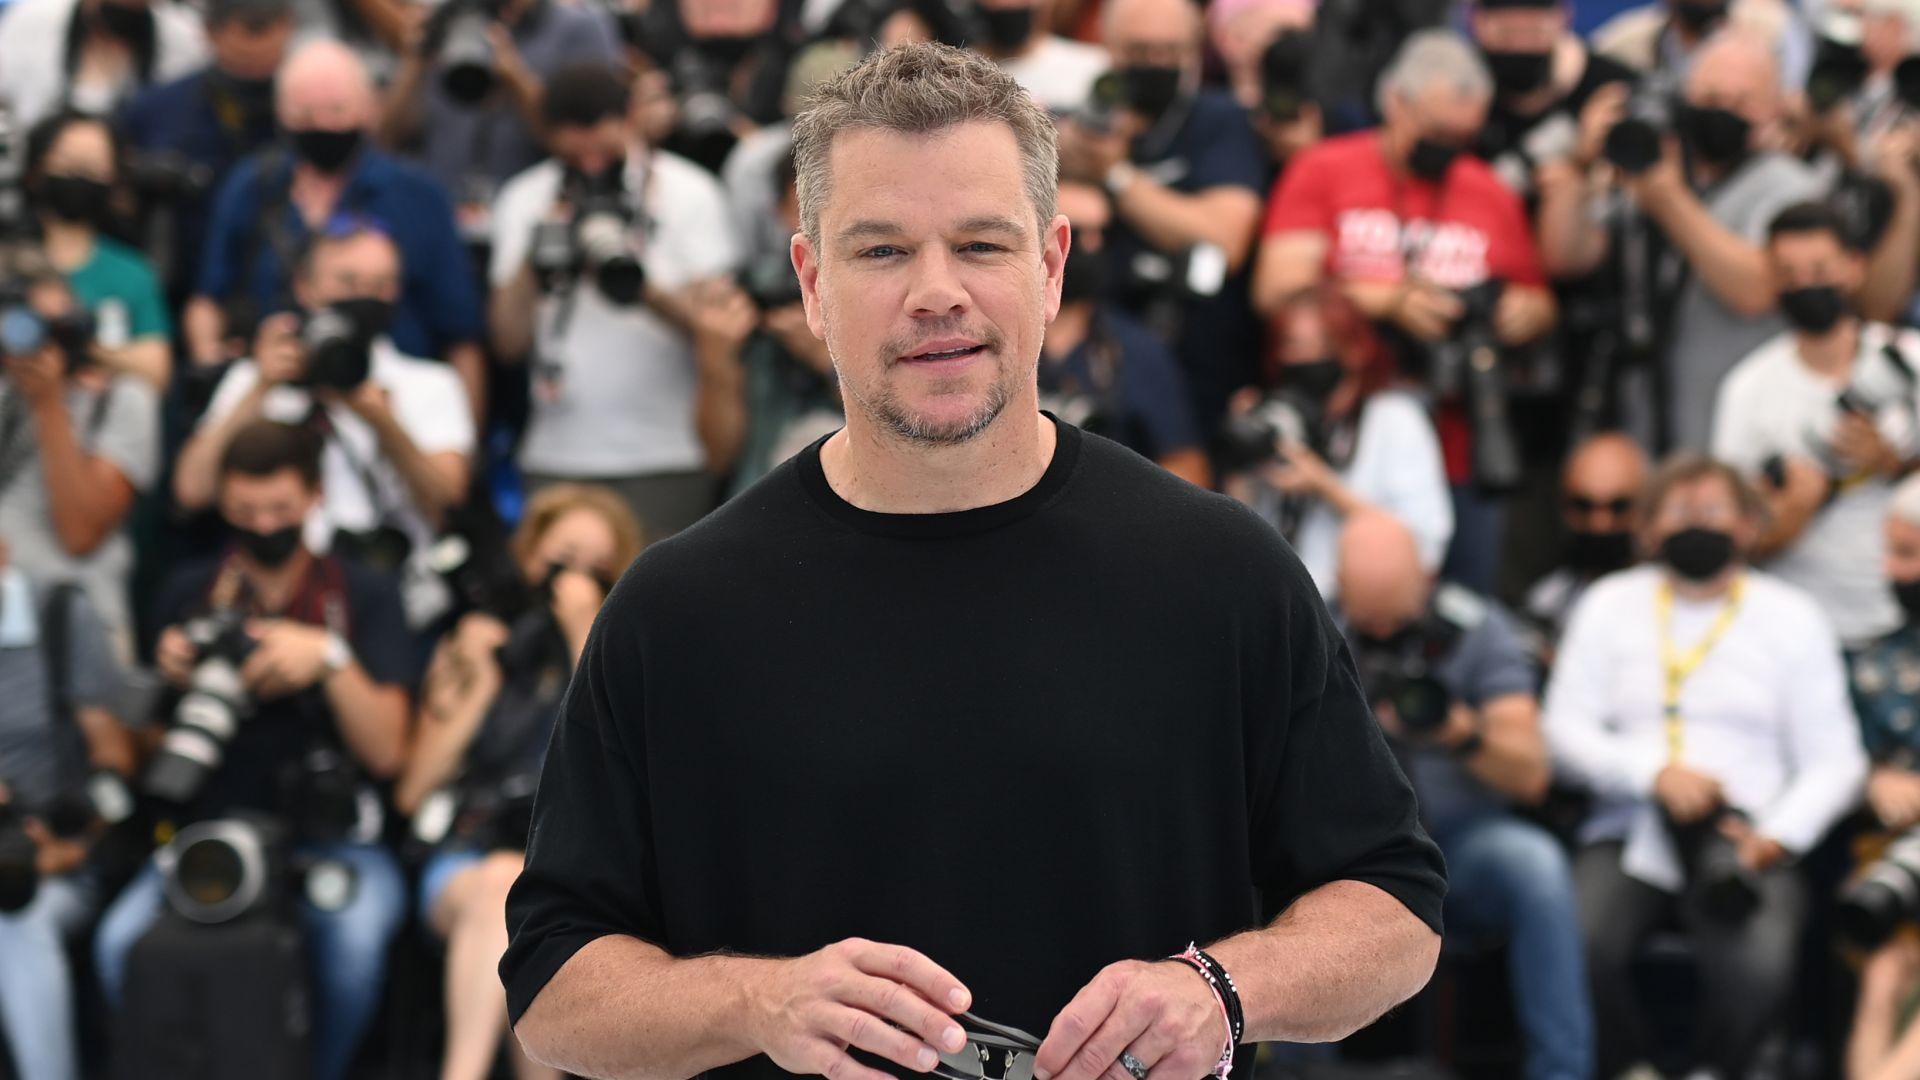 Мат Деймън отхвърлил най-високия хонорар в киното - 280 милиона долара